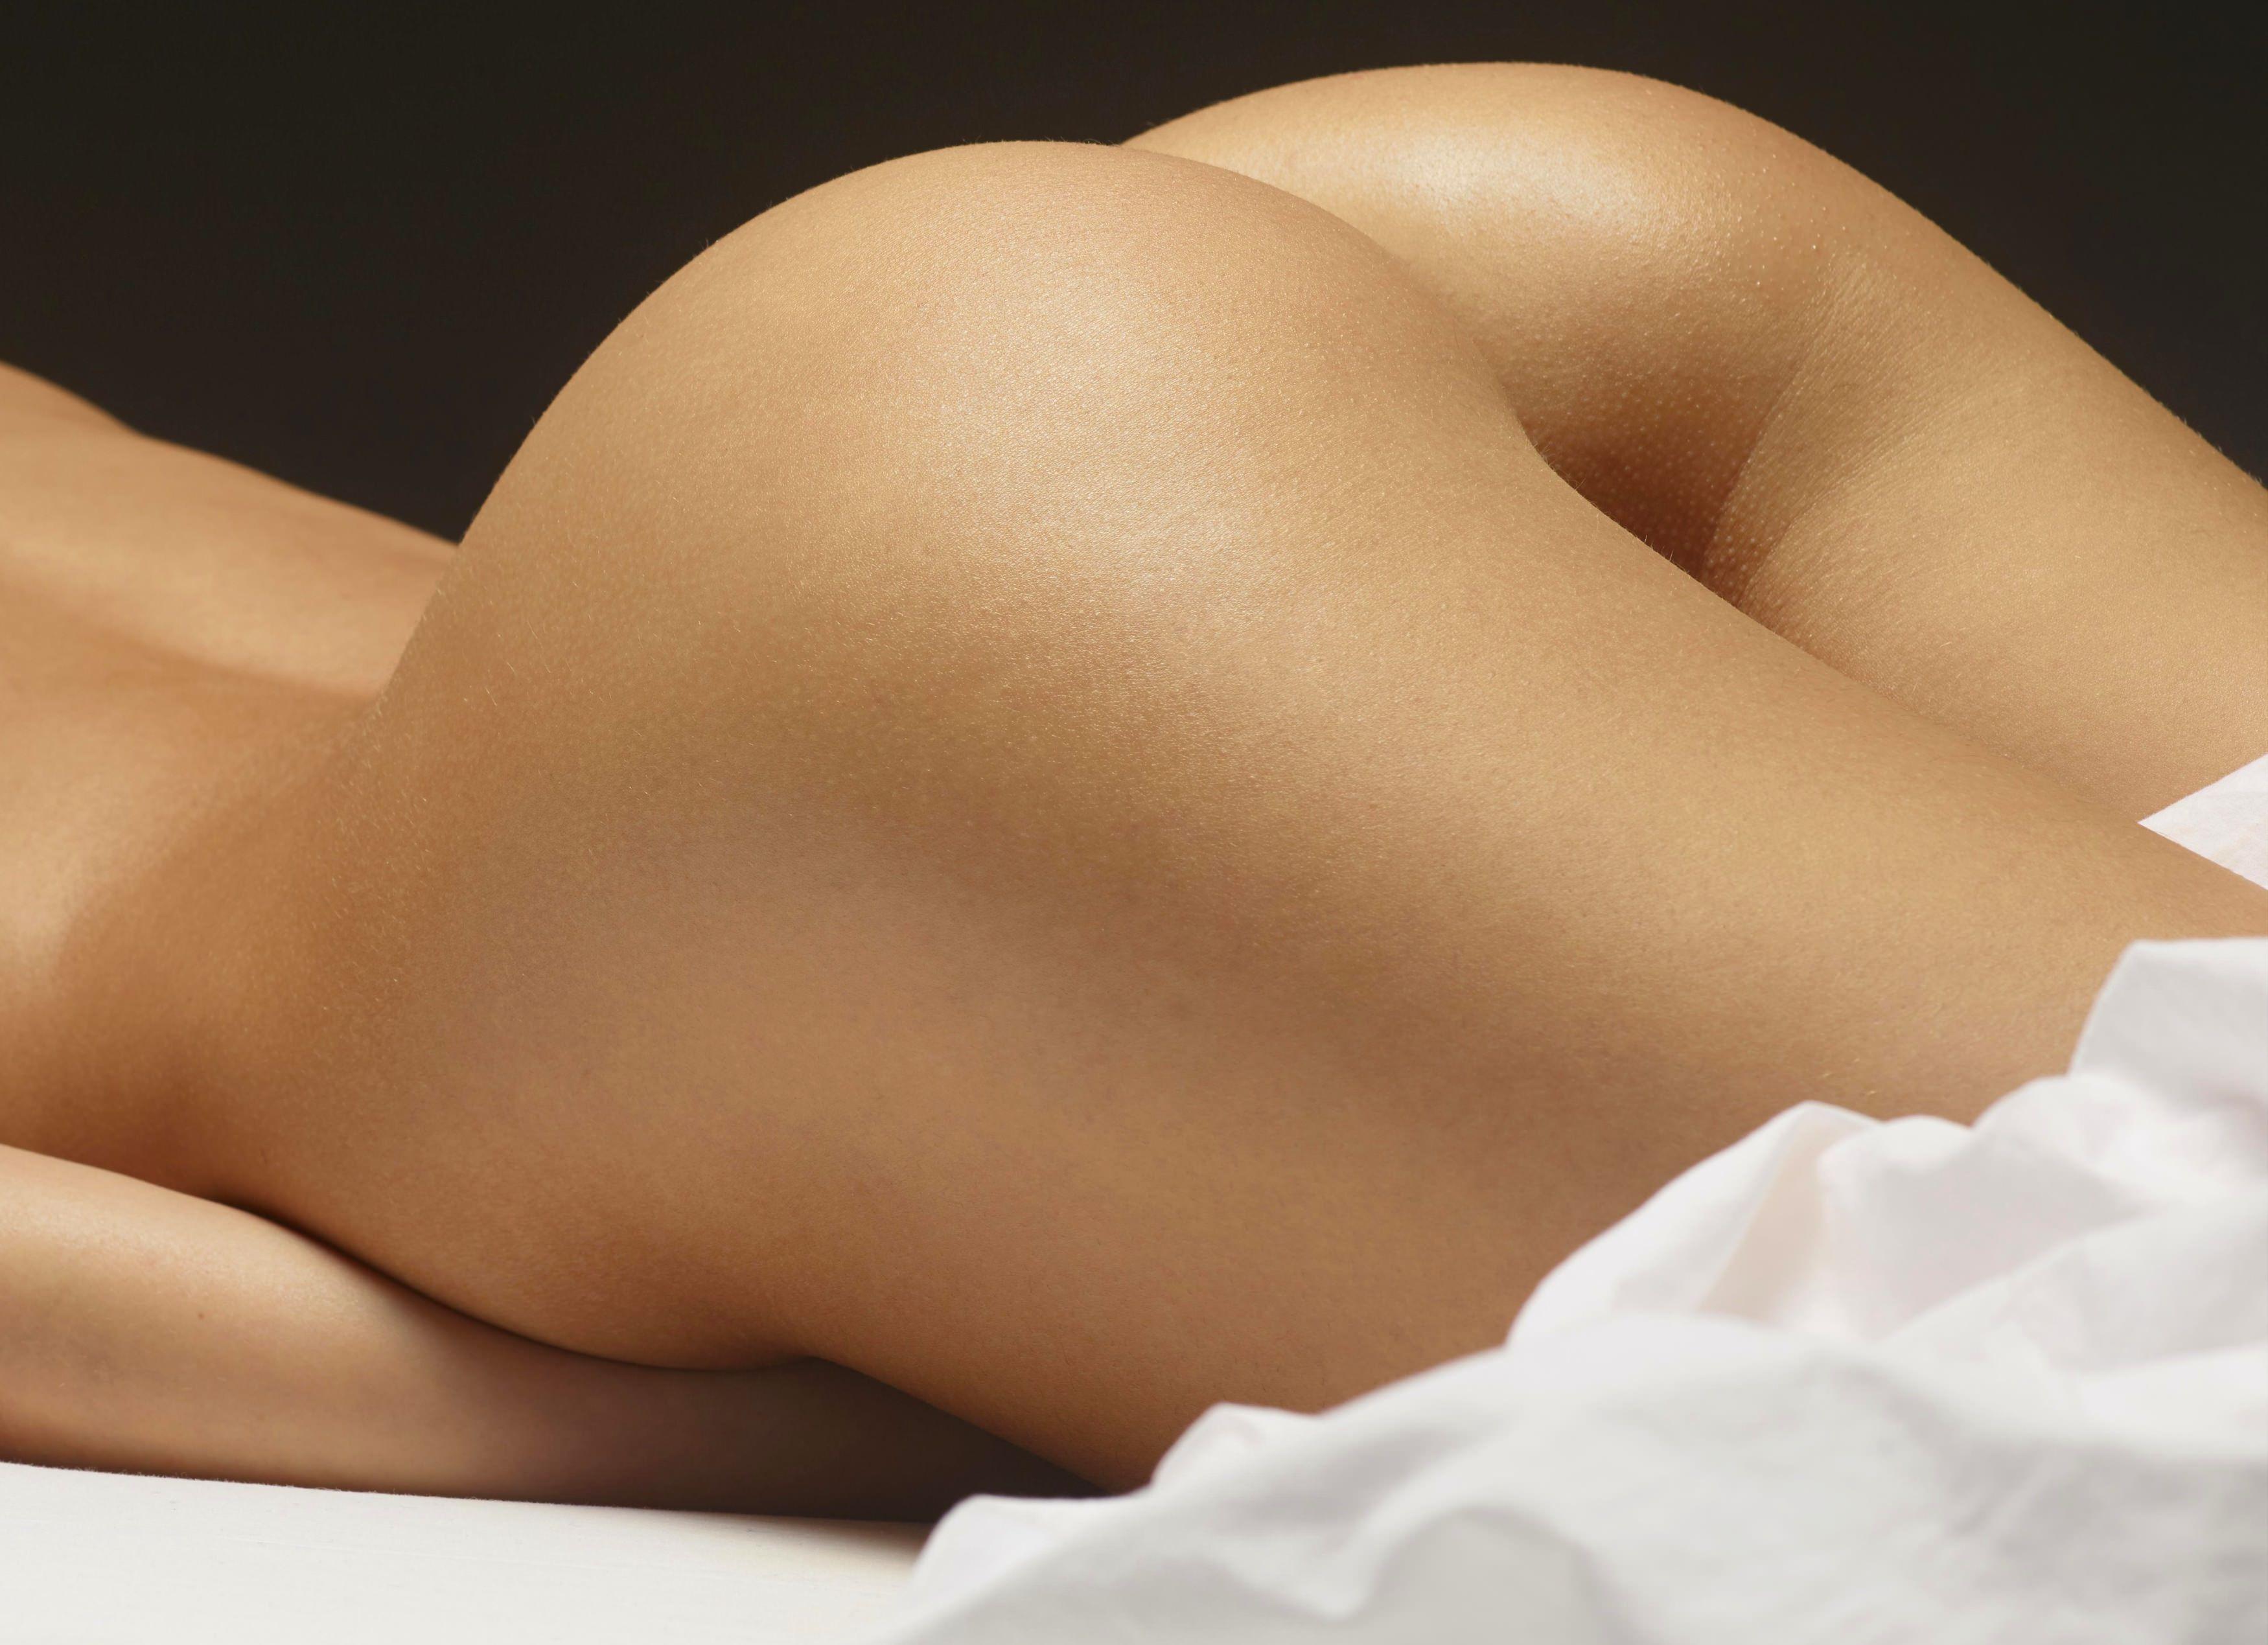 Фото гладких попок 15 фотография